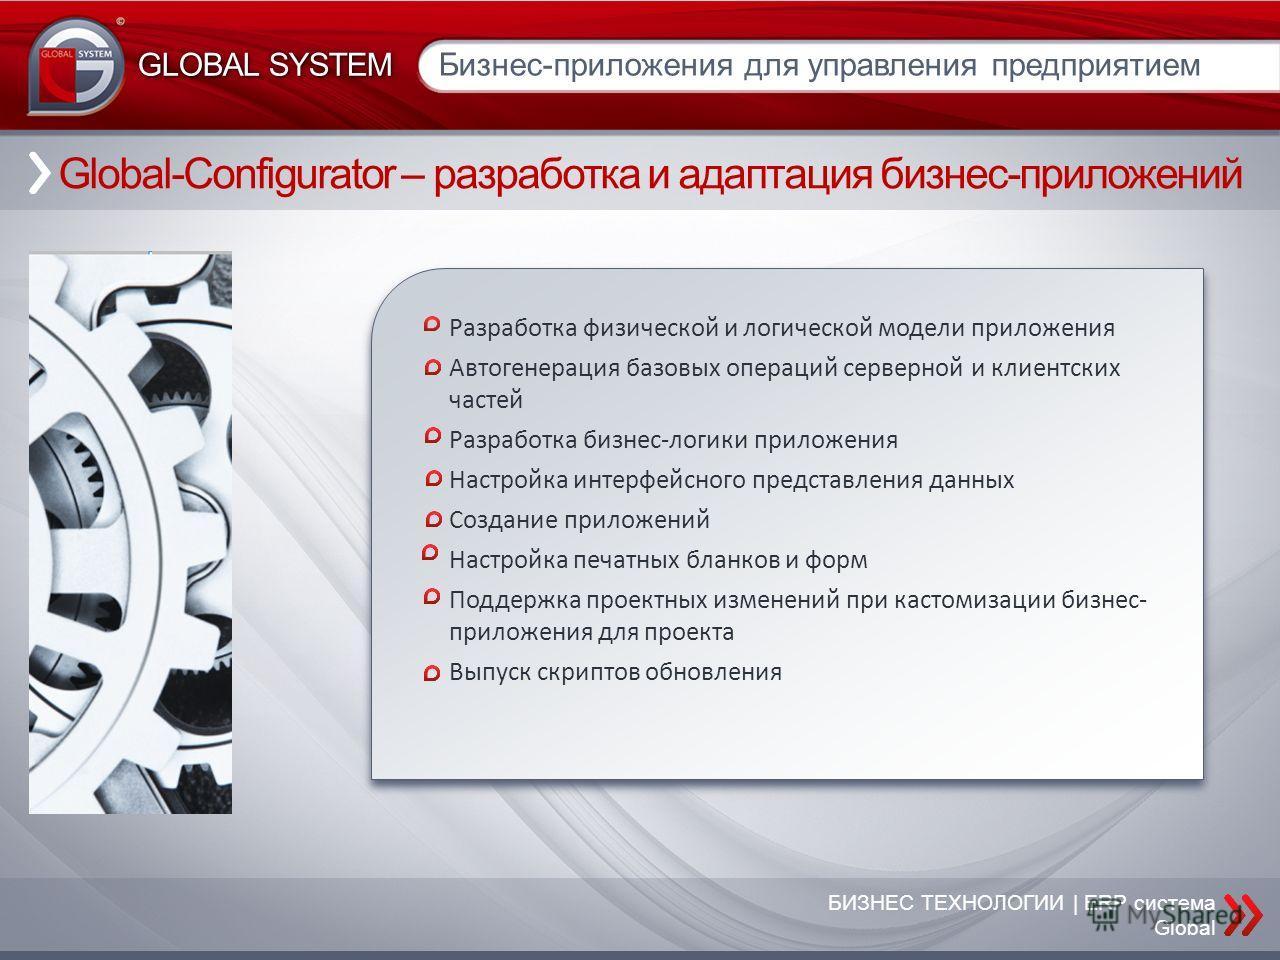 БИЗНЕС ТЕХНОЛОГИИ | ERP система Global Global-Configurator – разработка и адаптация бизнес-приложений Бизнес-приложения для управления предприятием GLOBAL SYSTEM Разработка физической и логической модели приложения Автогенерация базовых операций серв